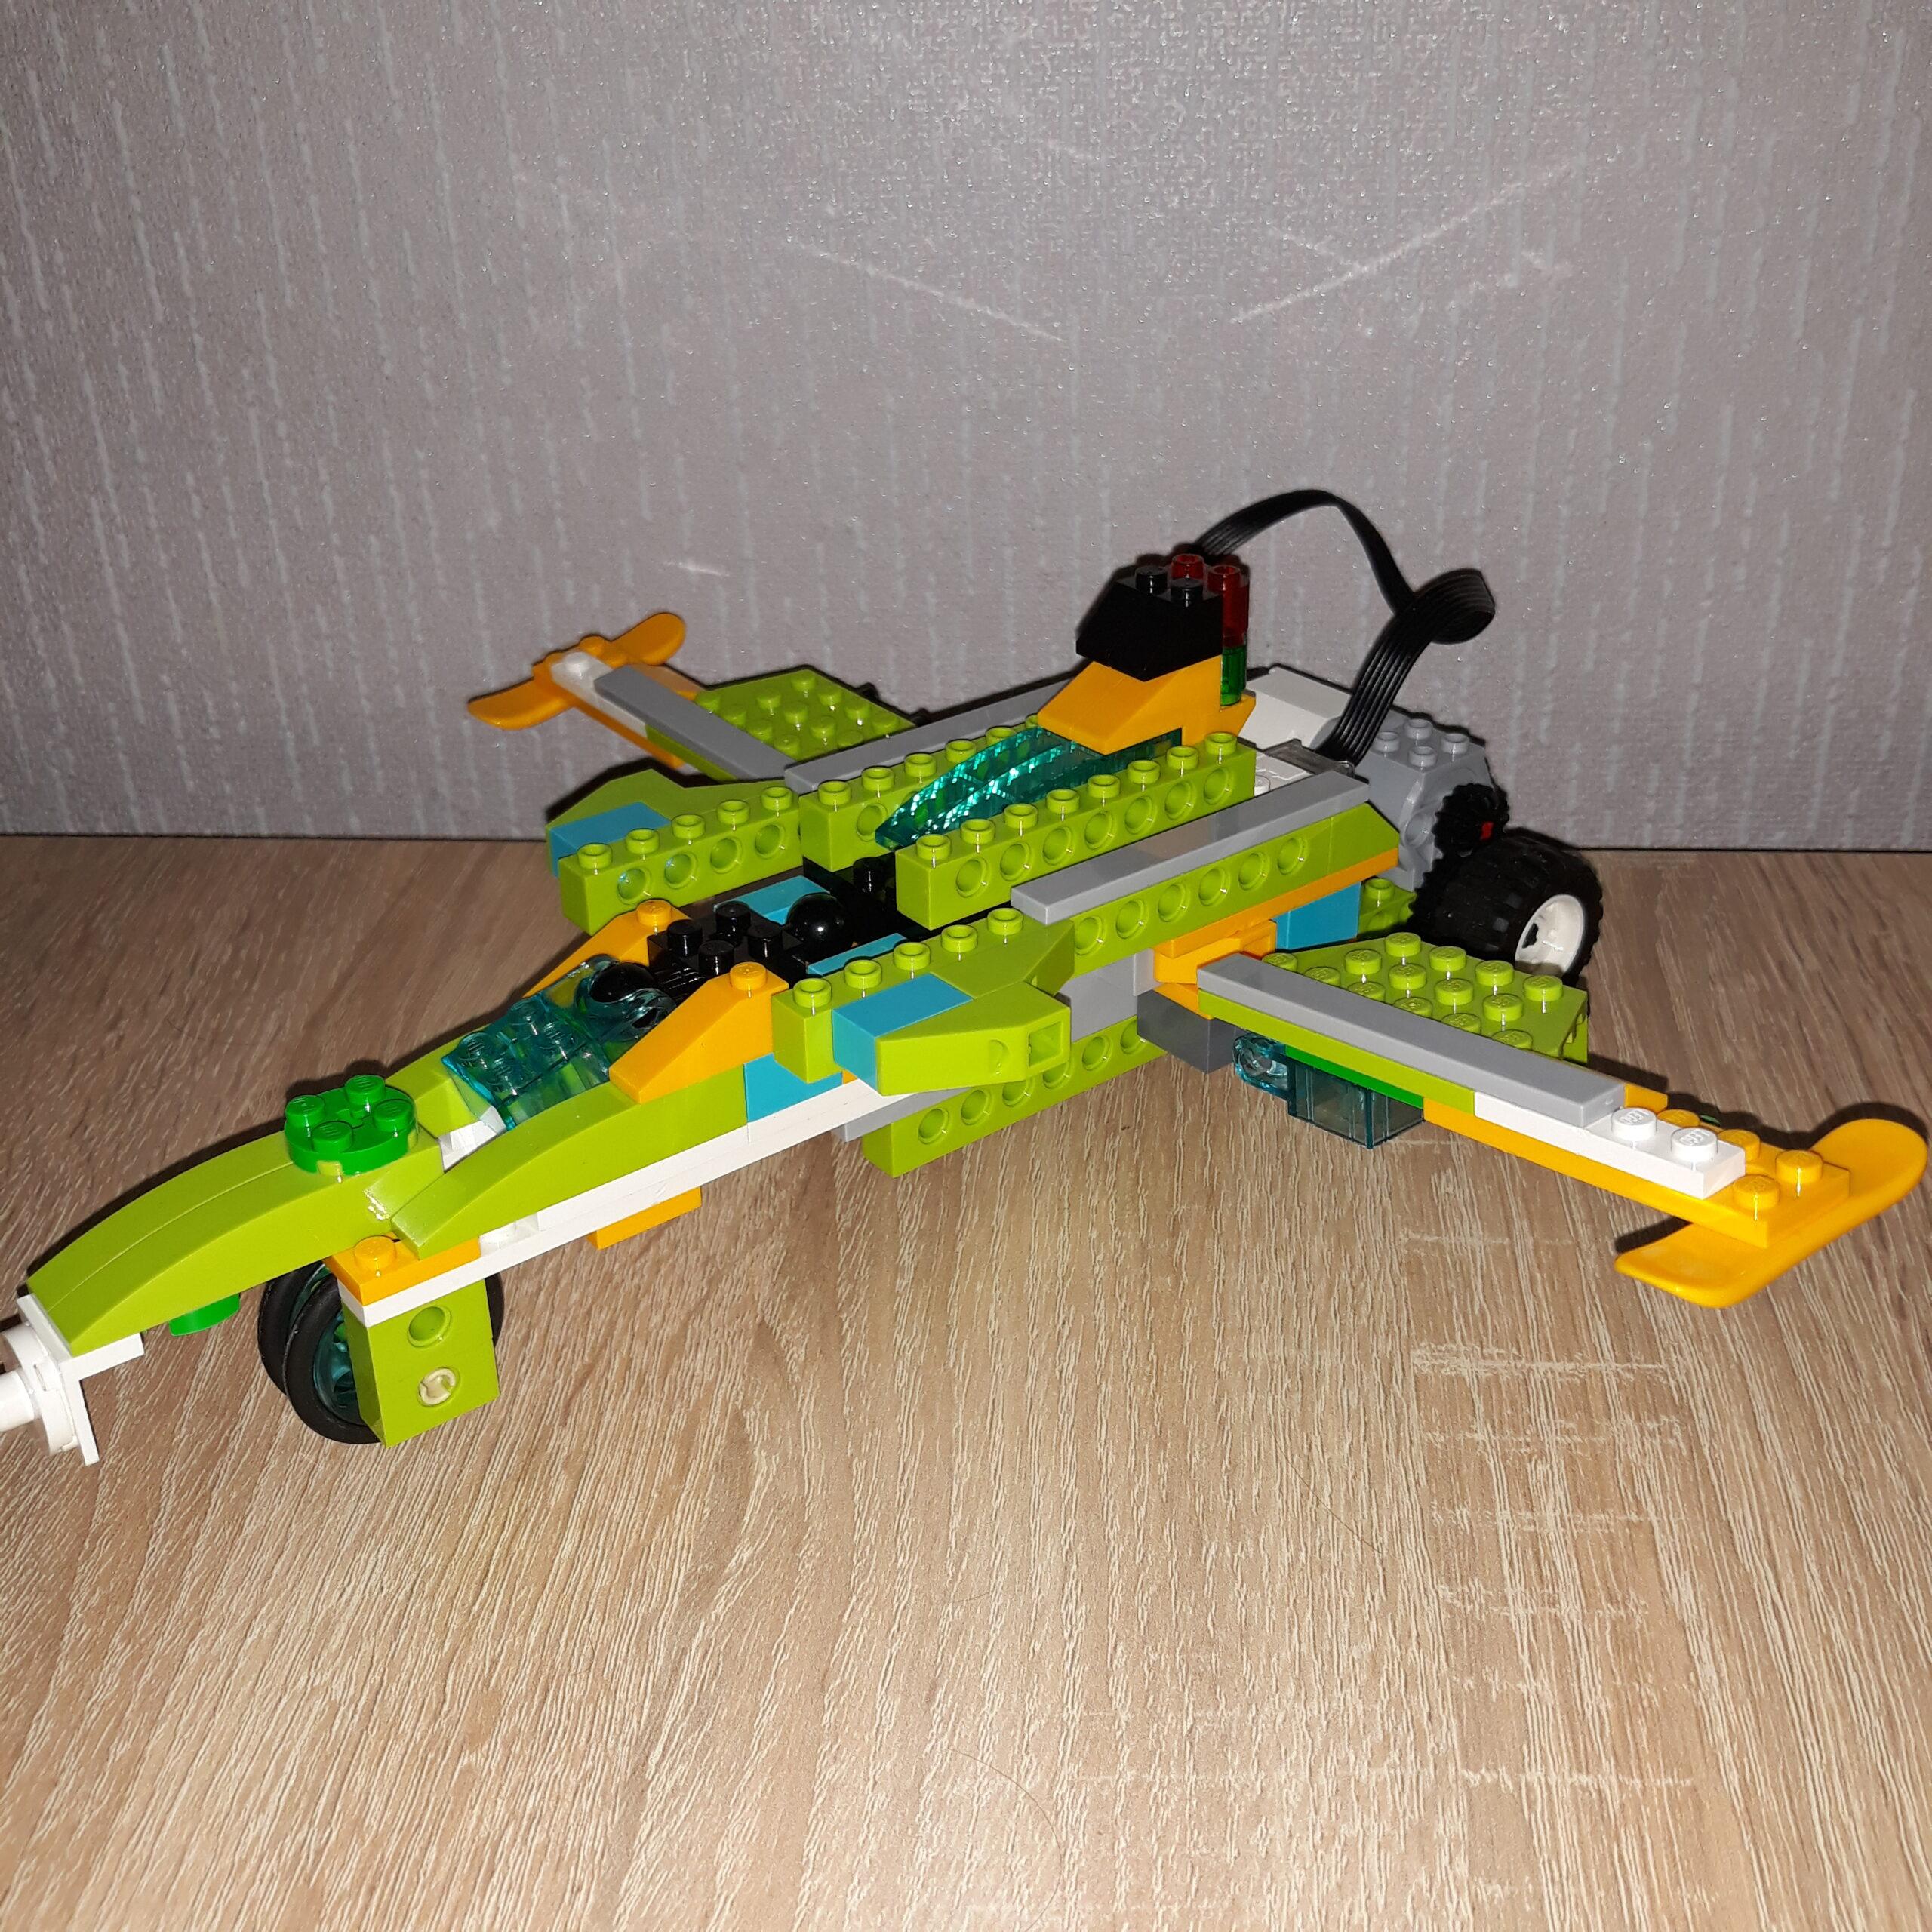 Итоговая схема сборки из набора LEGO Education WeDo 2.0 Самолет Jet Fighter